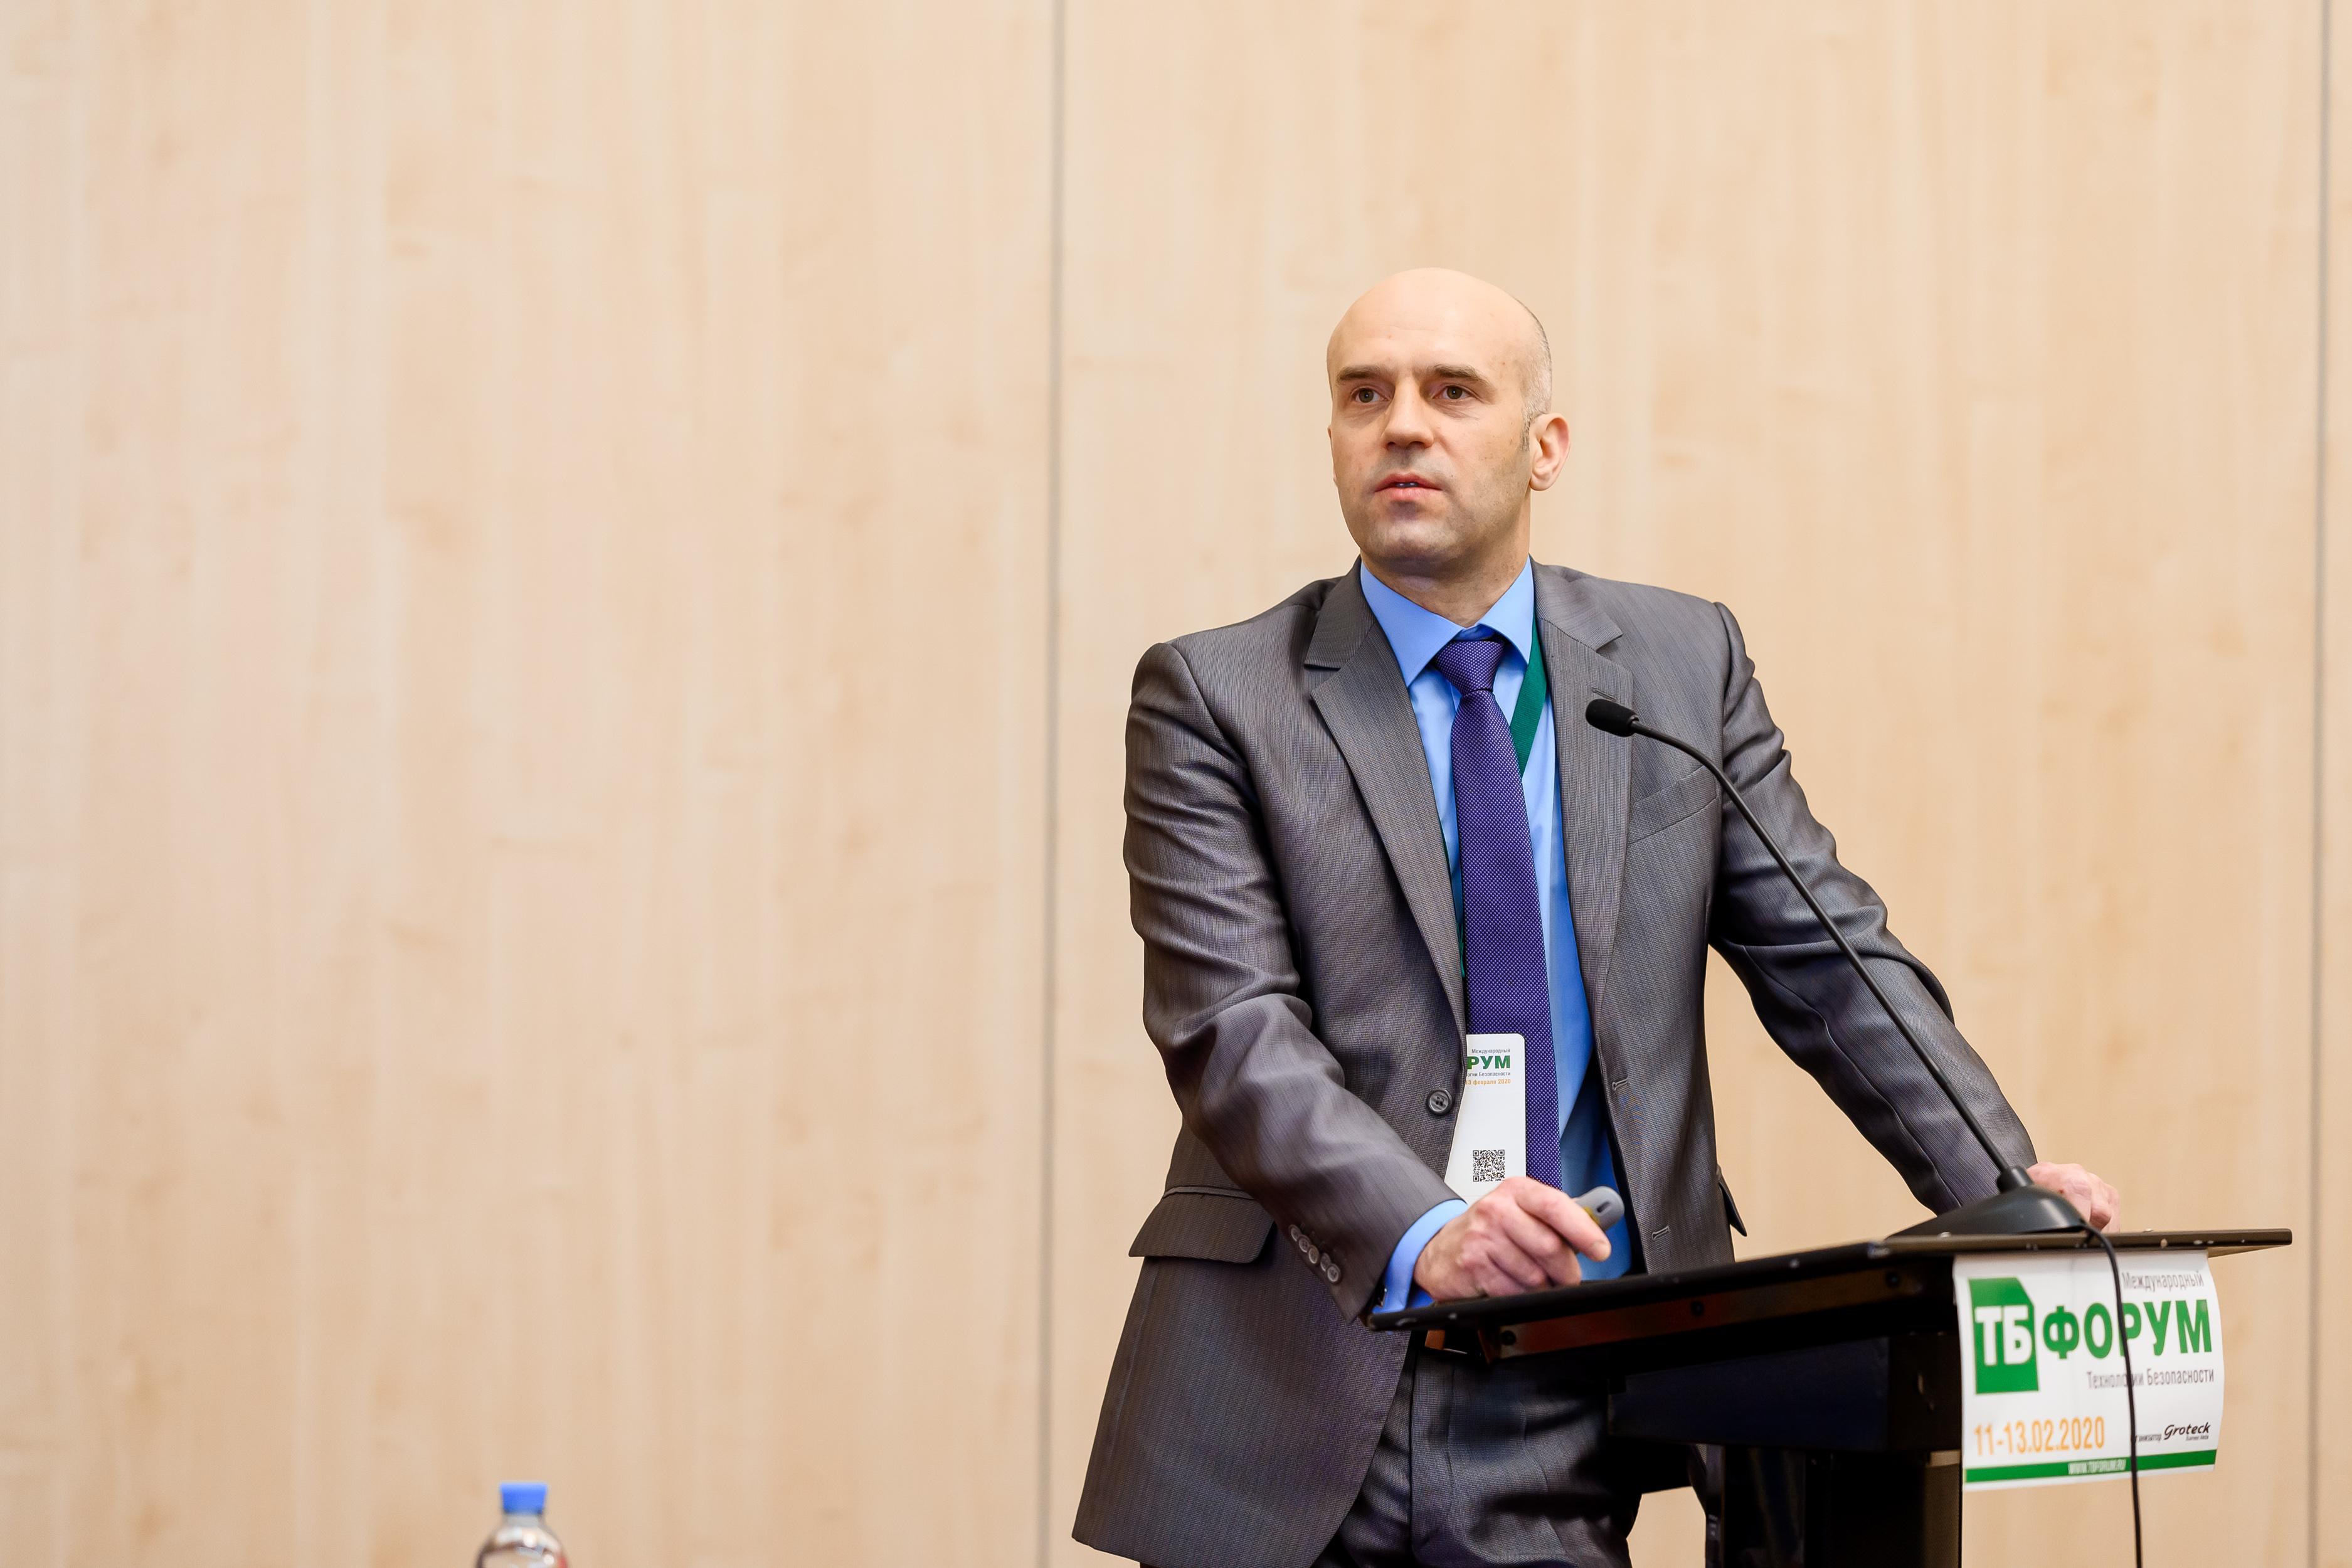 Илья Луняков (Интегра-С): на нашем стенде было действительно много заказчиков